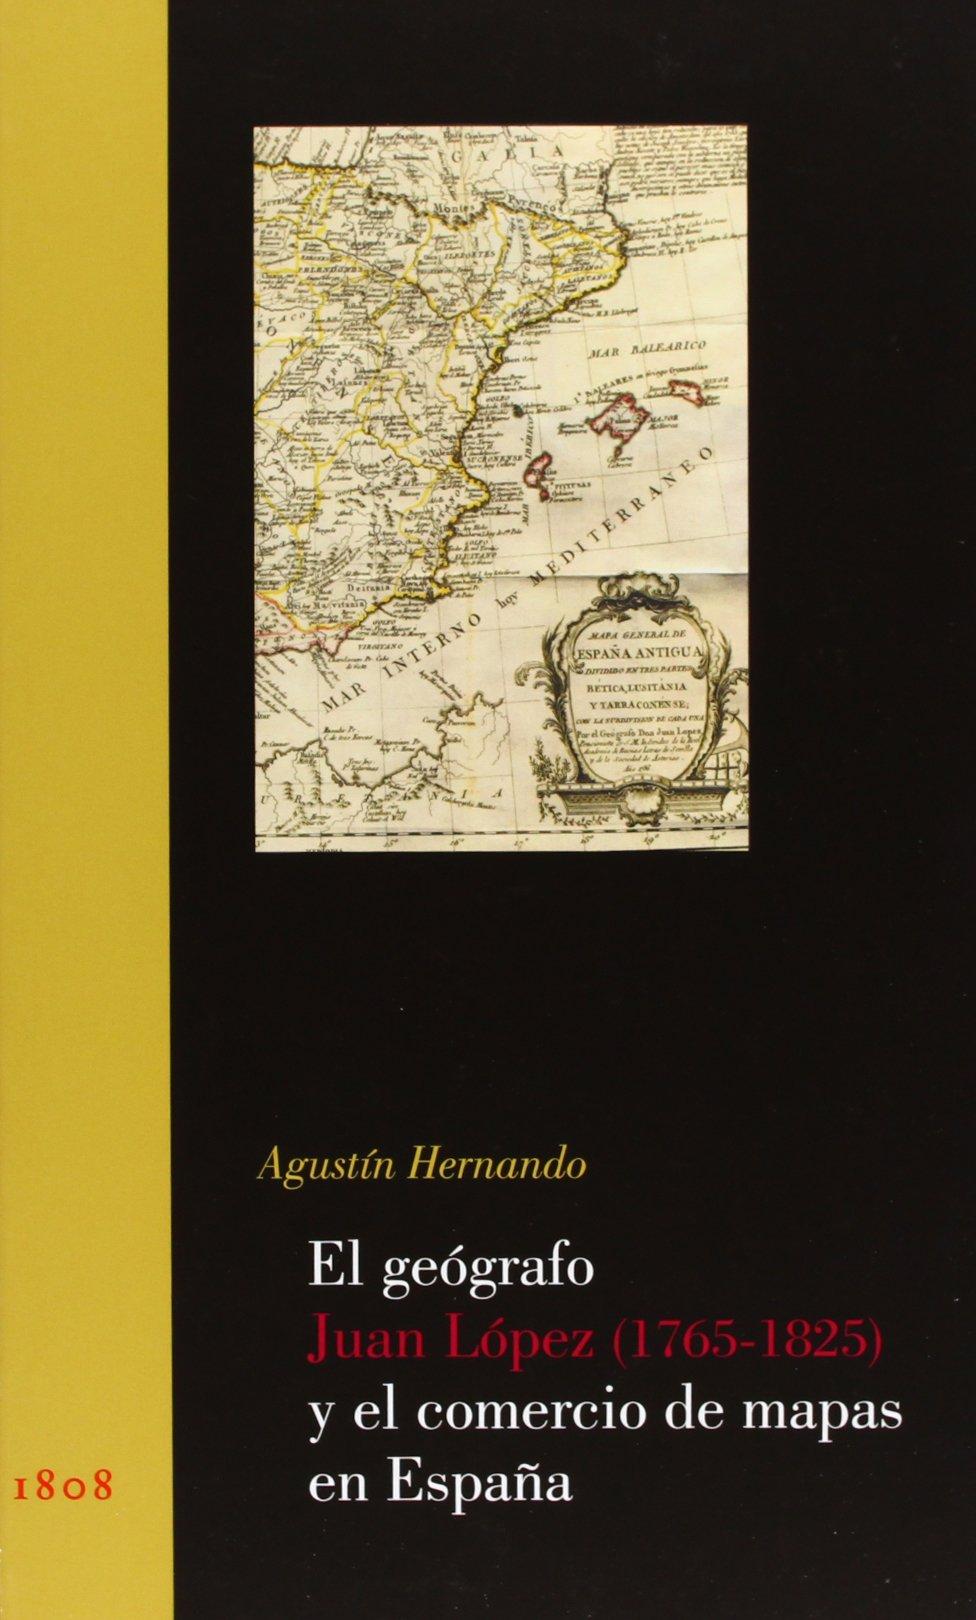 El geógrafo Juan López 1765-1825 y el comercio de mapas en España 1808-1814 Guerra & Revolución: Amazon.es: Hernando, Agustín: Libros